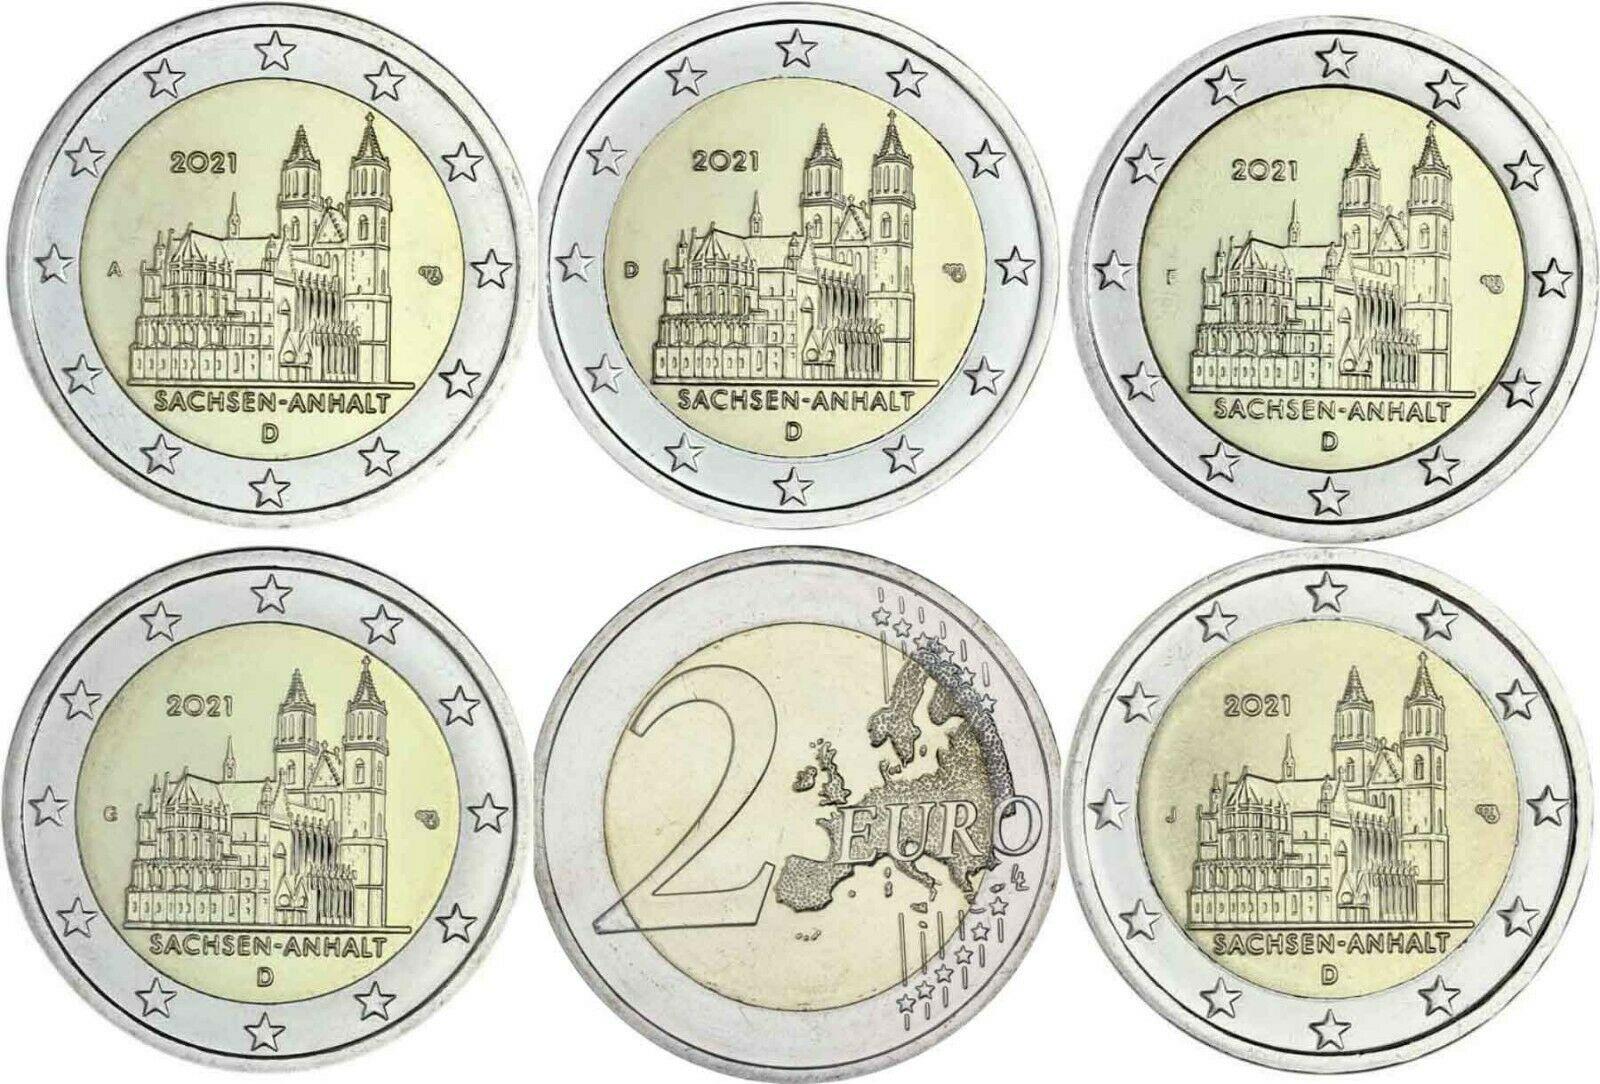 Германия 2 евро 2021 г. Саксония-Анхальт (A,D,F,G,J)